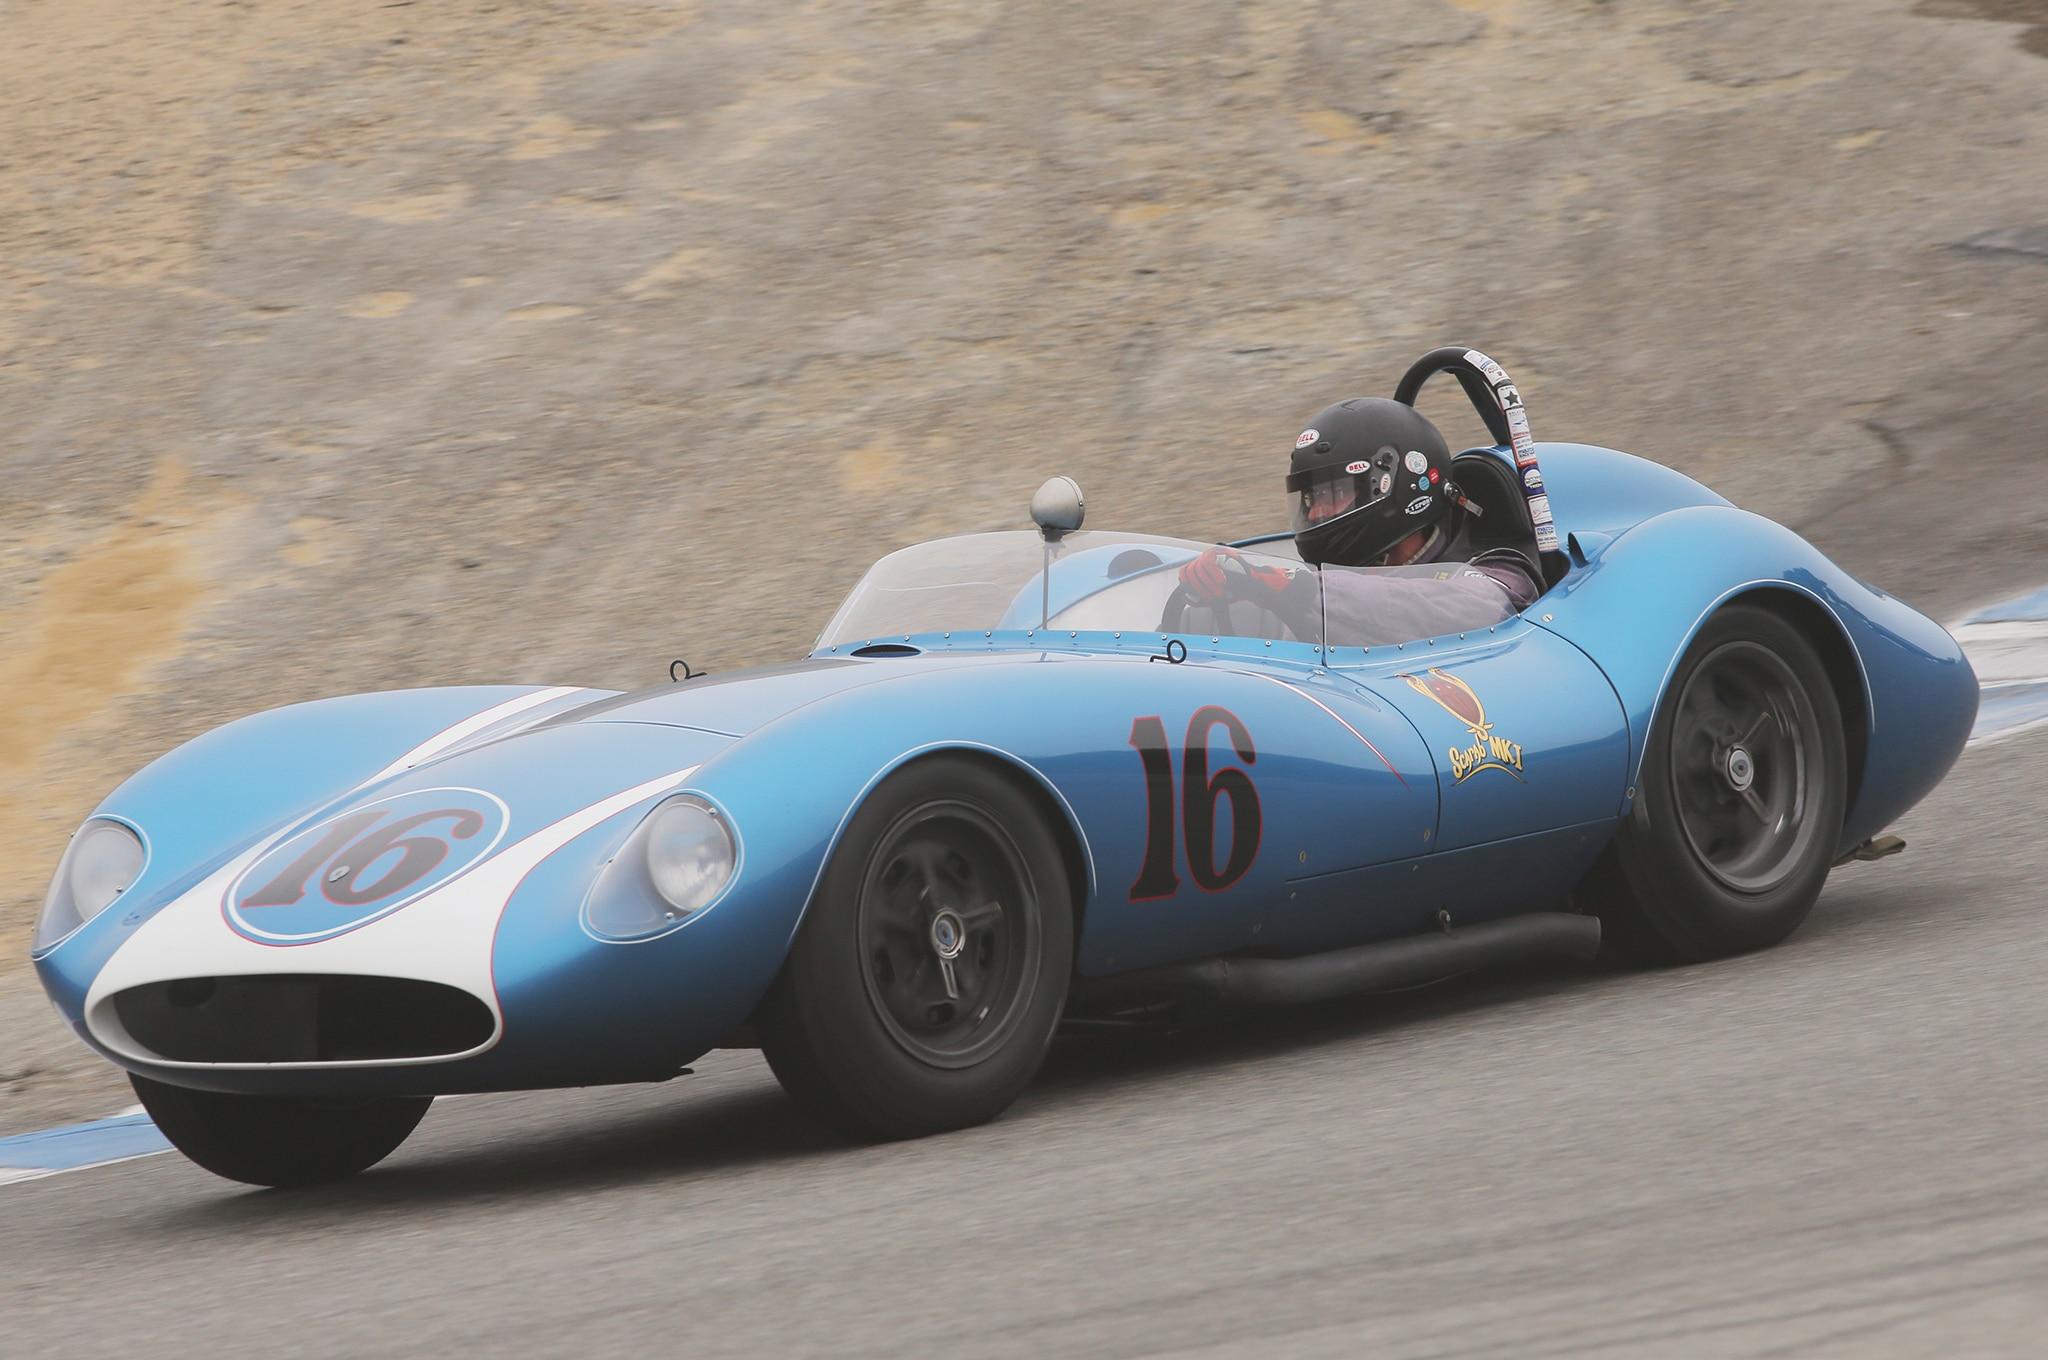 1958 Scarab Mk1 2016 Monterey Motorsports Reunion